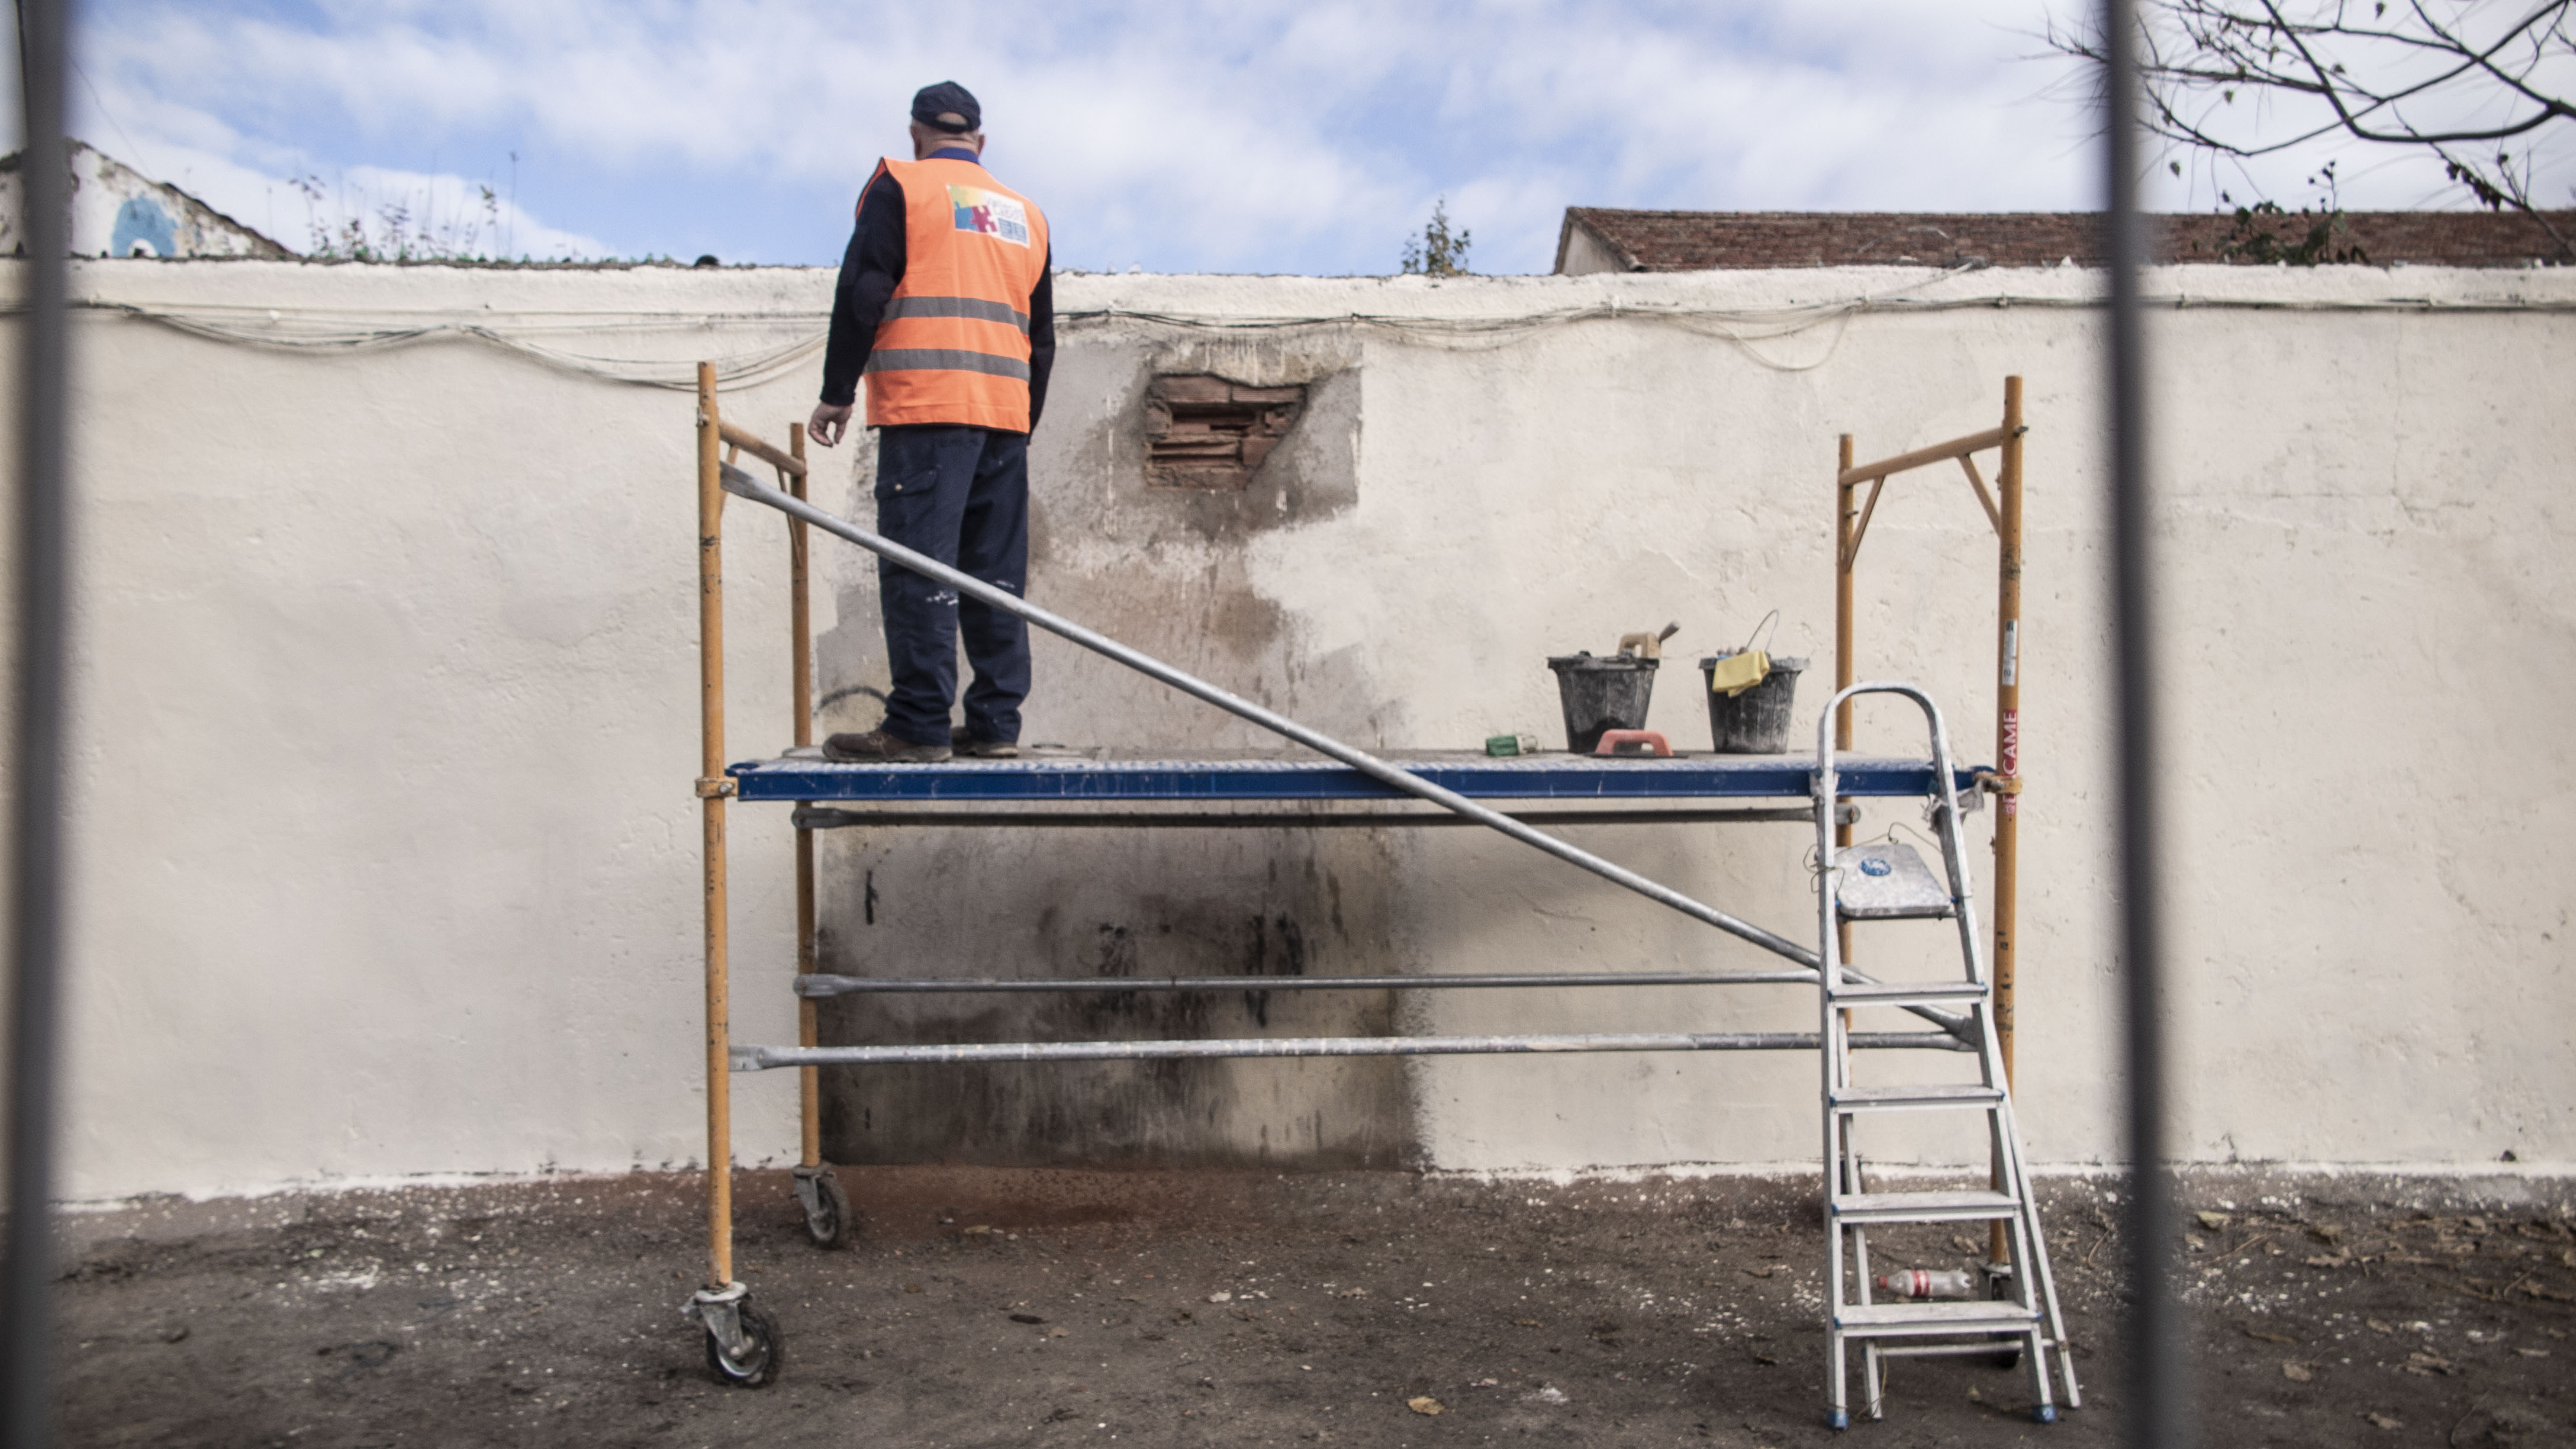 Los miembros de Vallecas Labora reparan la pared en la que se instalará el mural conmemorativo